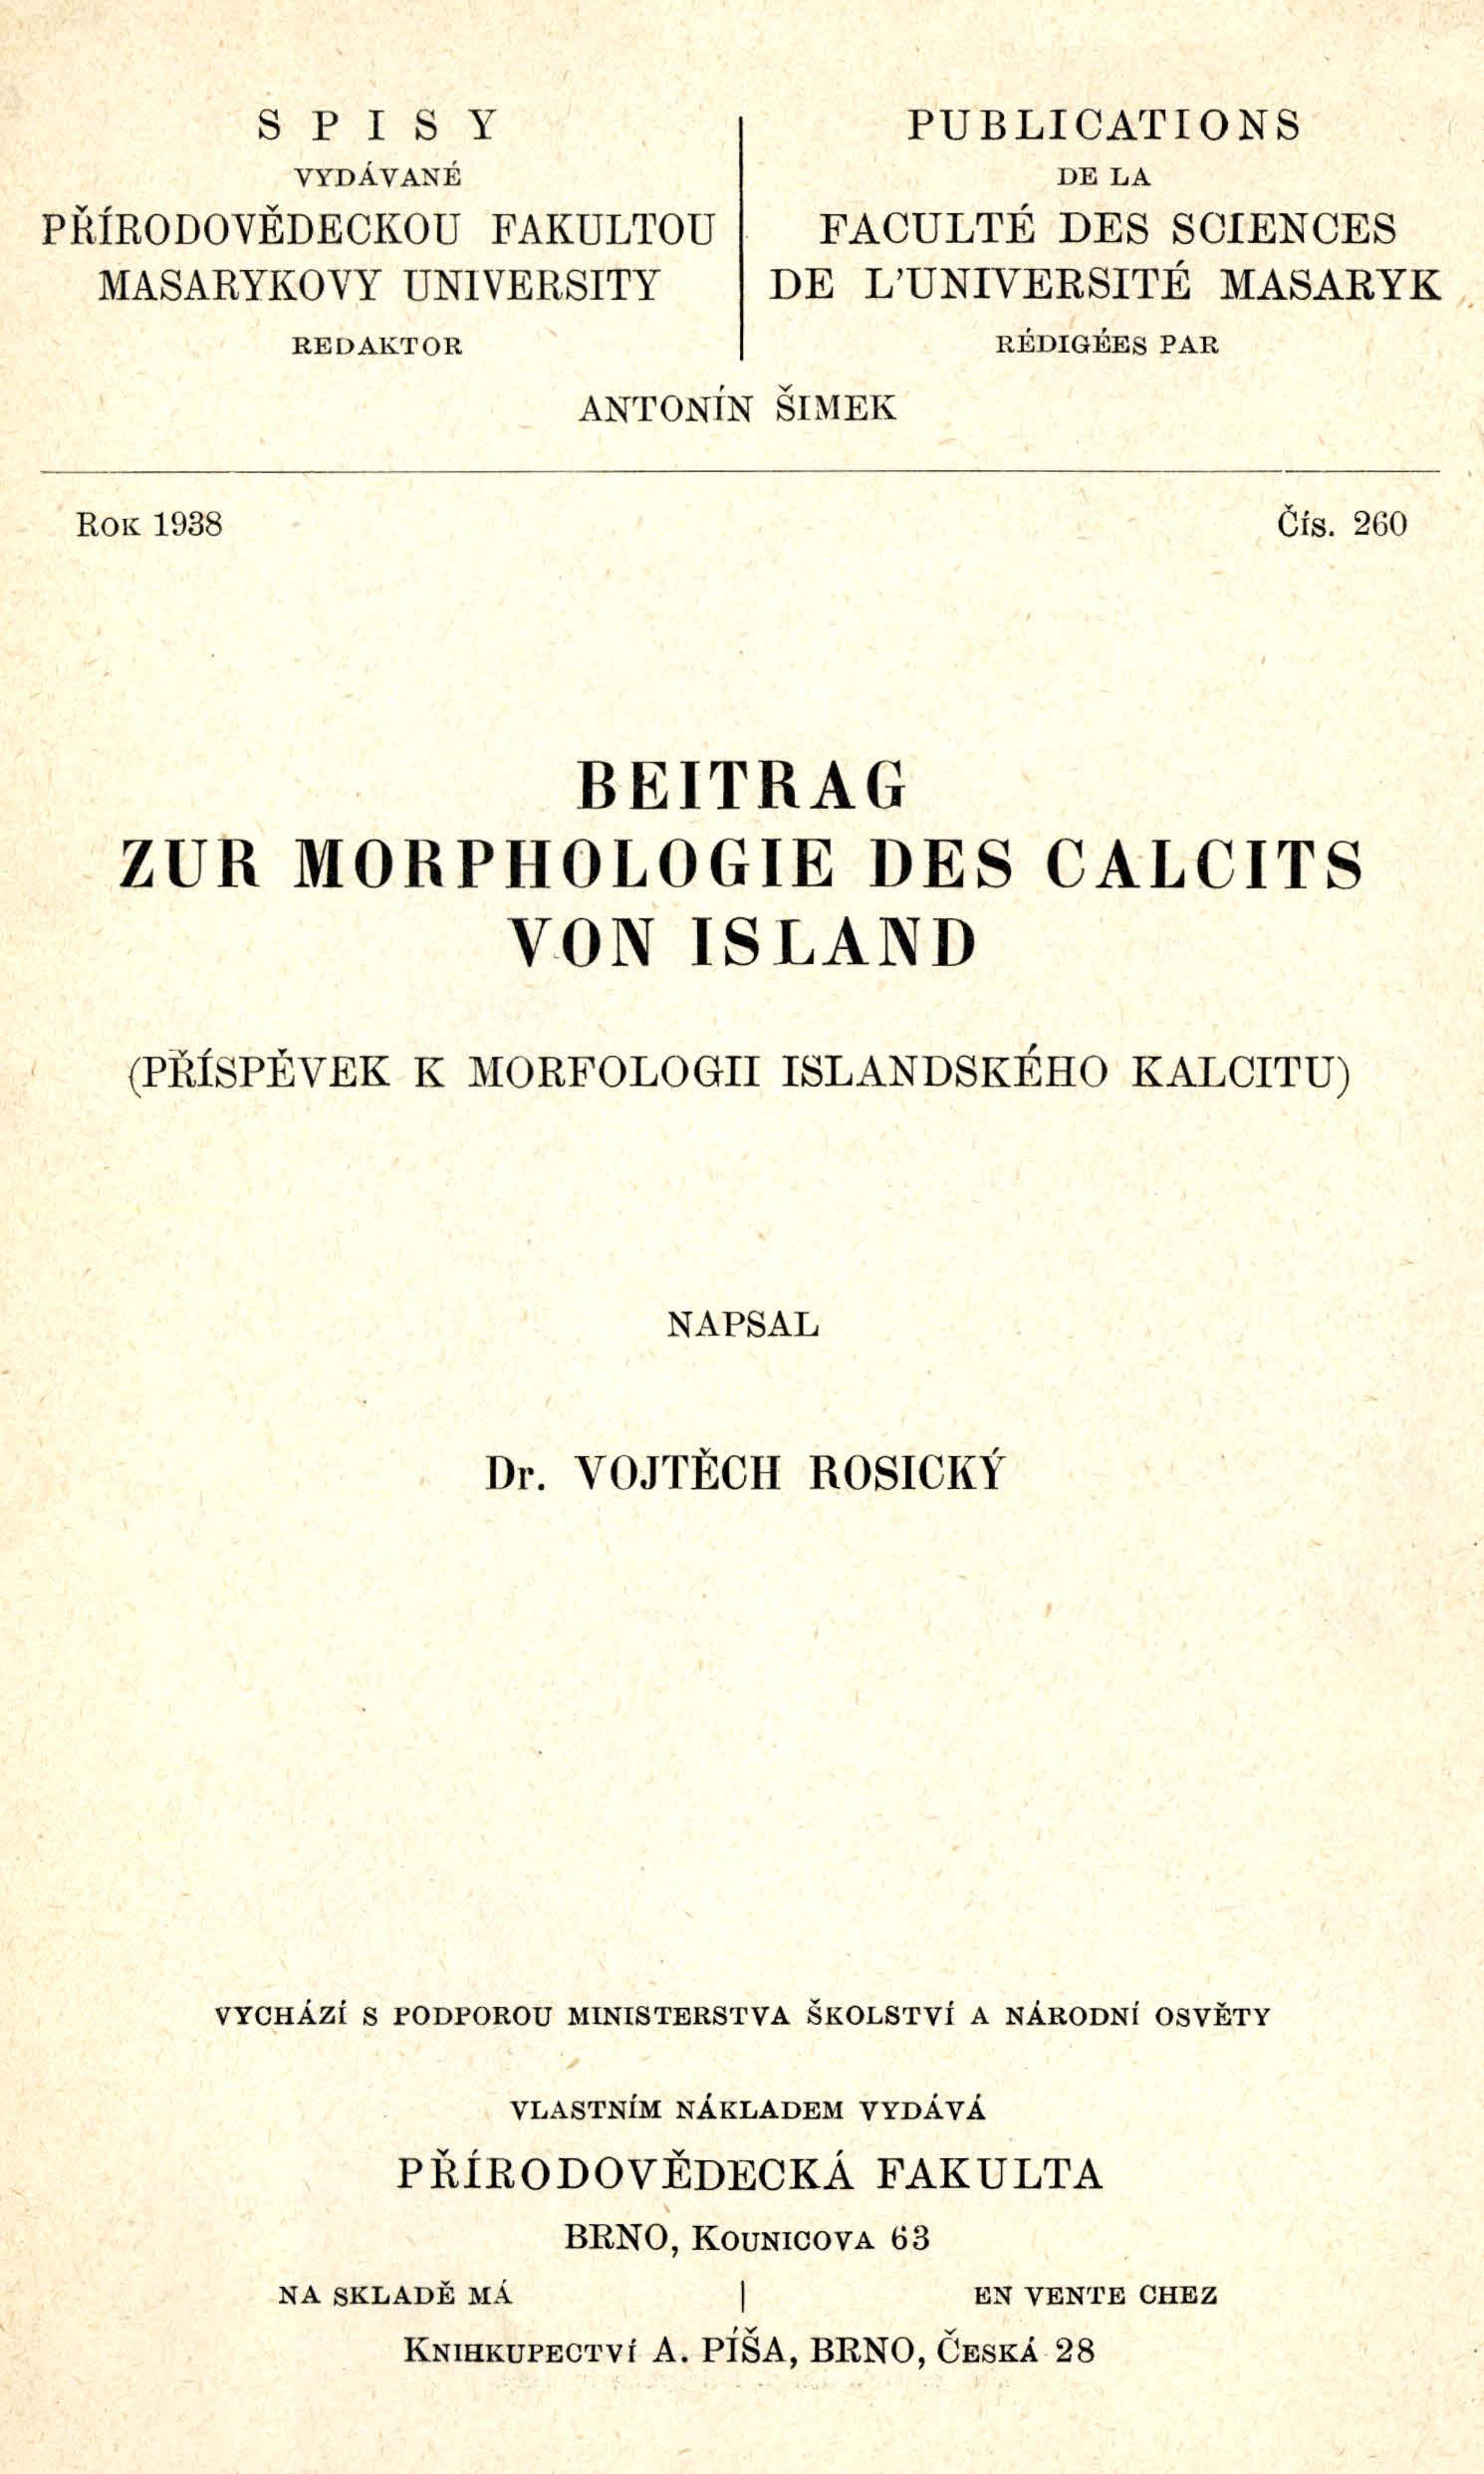 Obálka pro Beitrag zur Morphologie des Calcits von Island